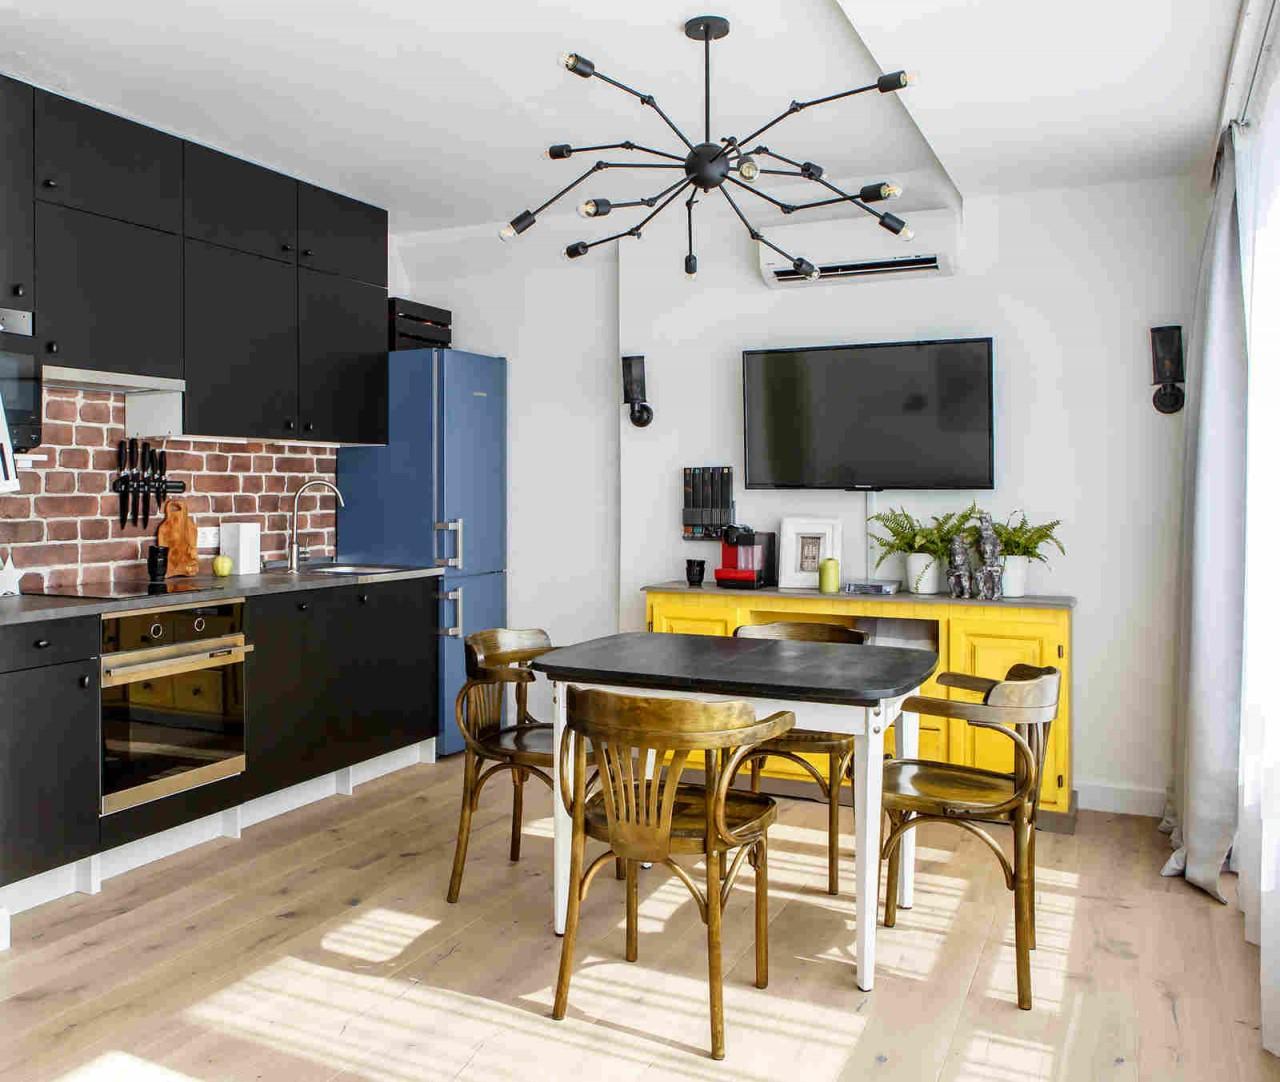 Студия площадью 35 кв. метров от Korneev Design Workshop